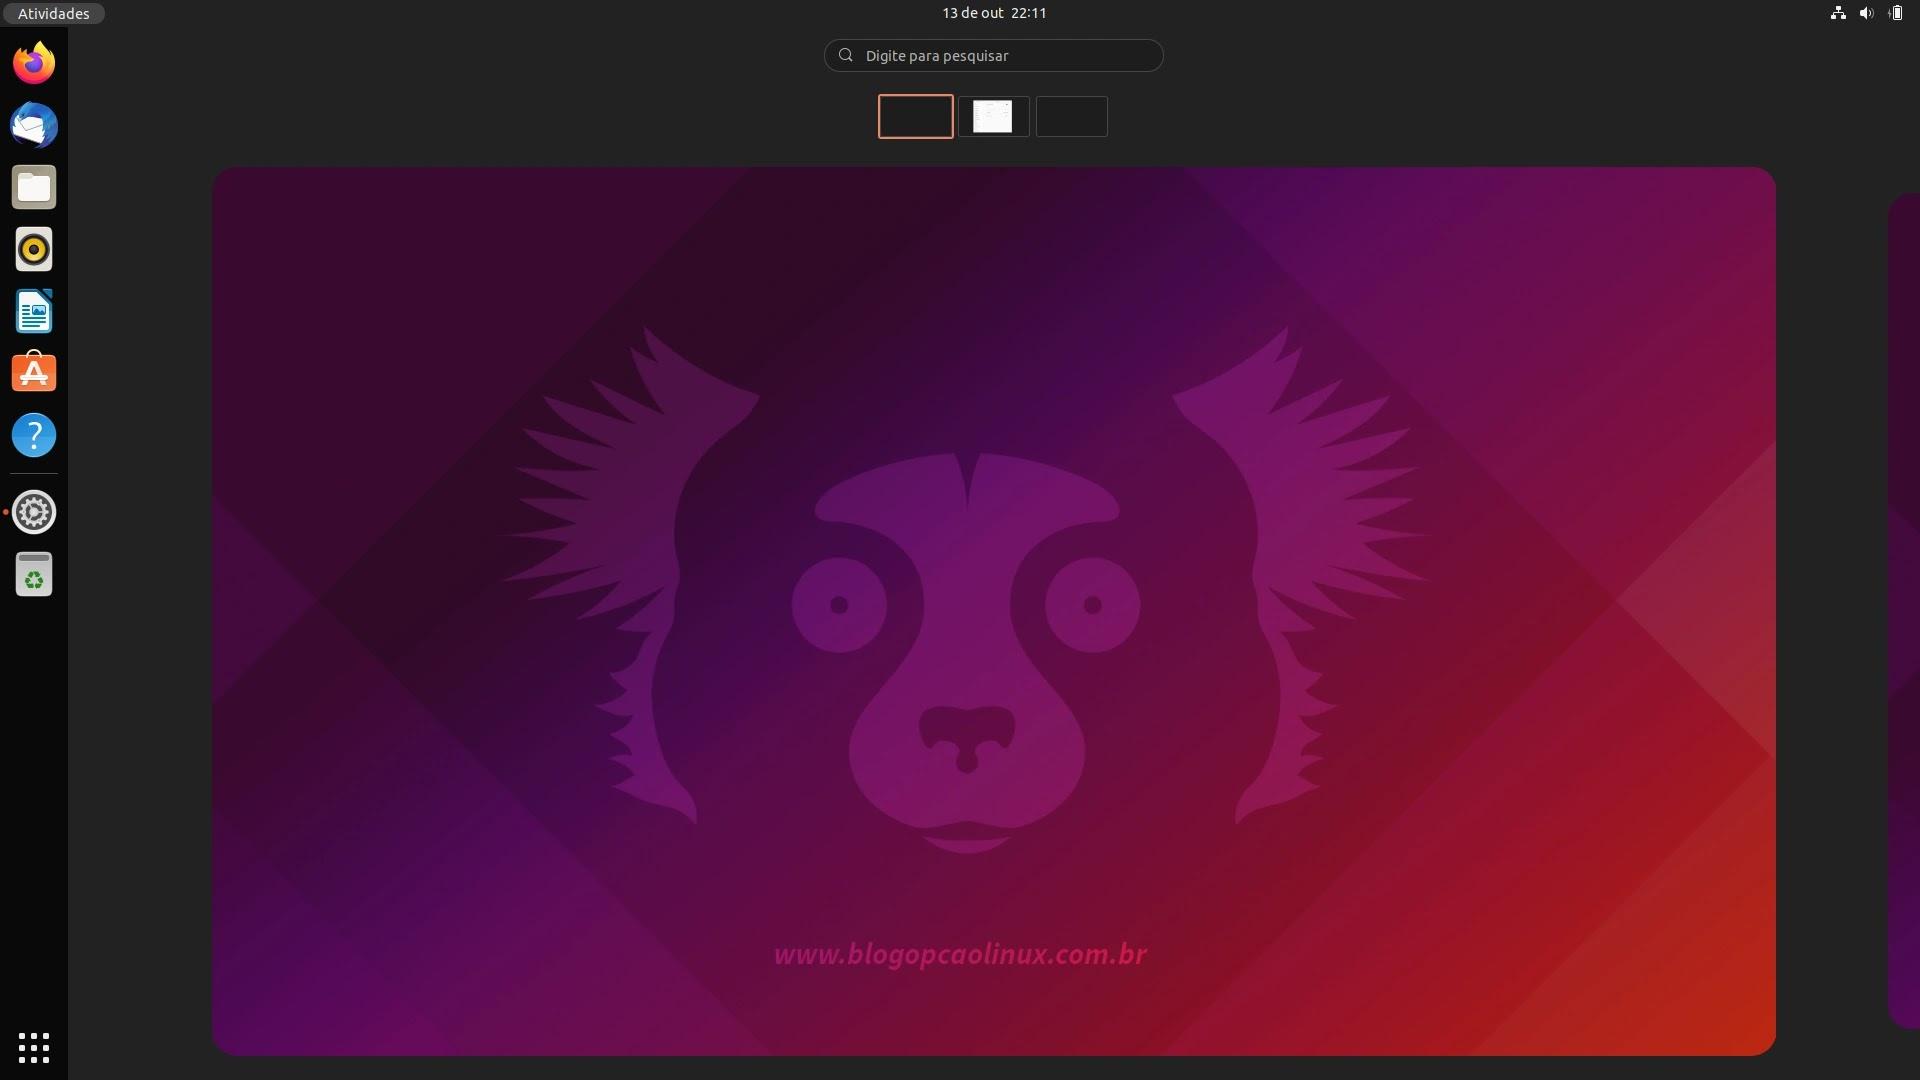 O Ubuntu 21.10 (Impish Indri)